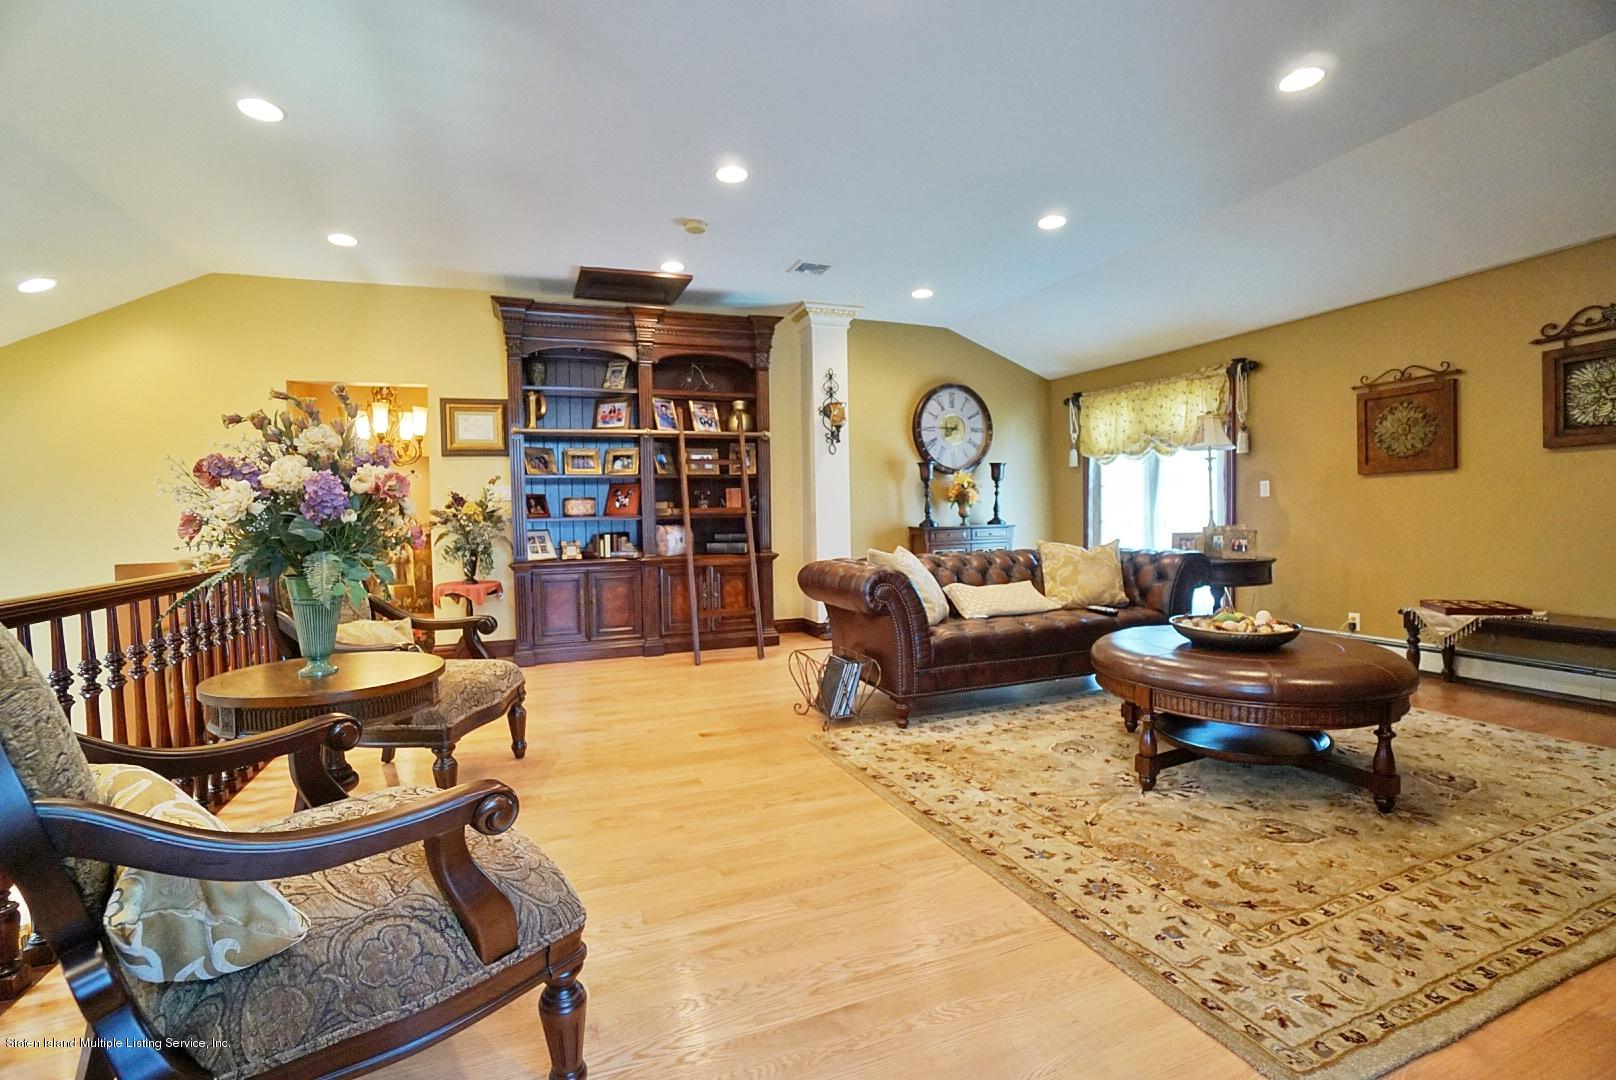 Single Family - Detached 337 Thomas Street  Staten Island, NY 10306, MLS-1129114-58